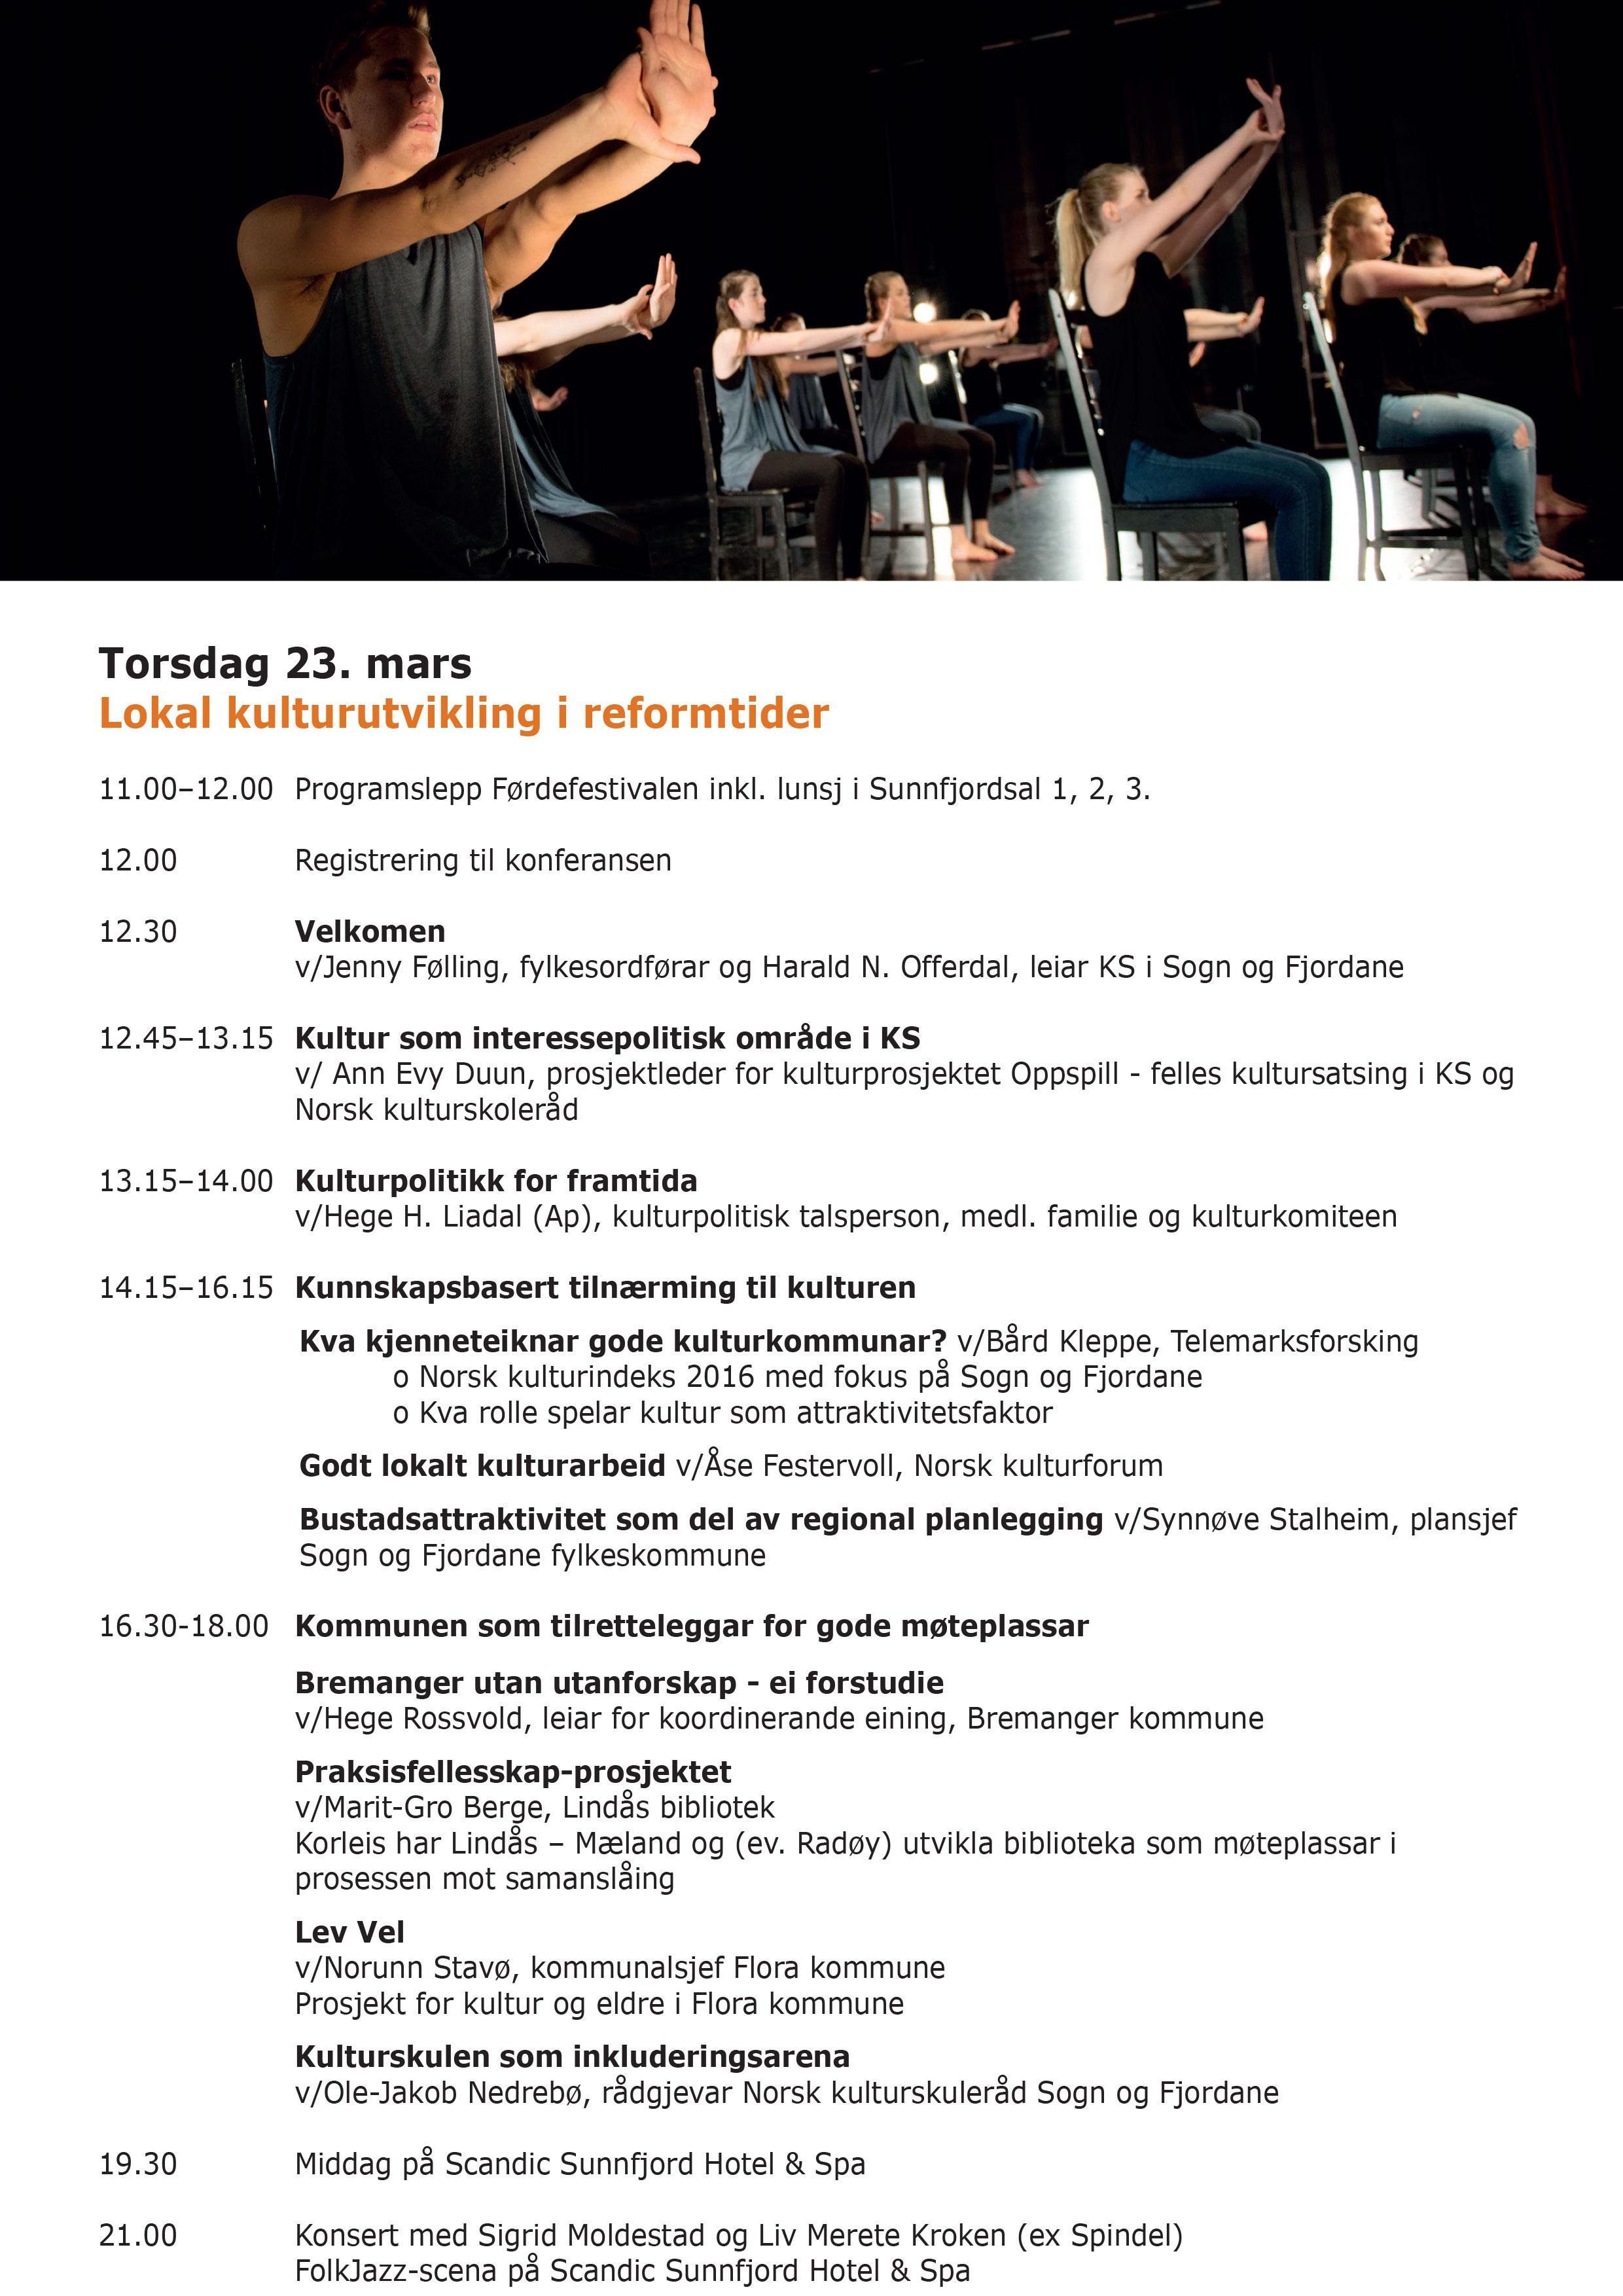 Program_kulturkonferansen 2017_torsdag 23.03